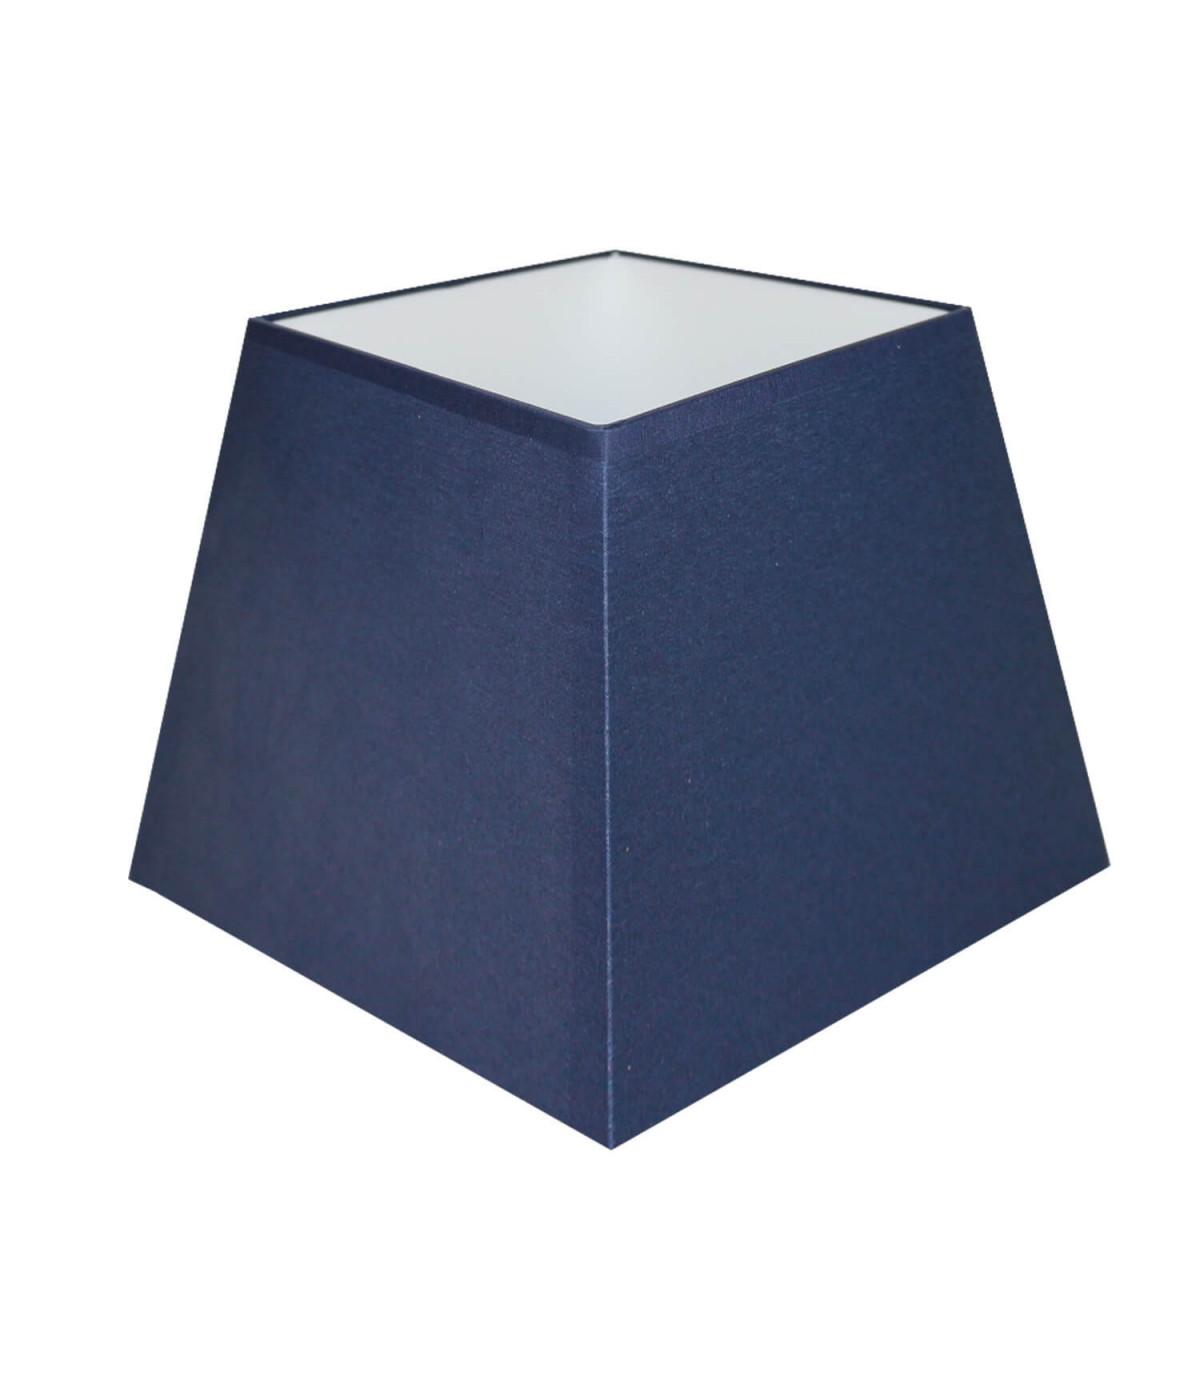 Abat-jour carre pyramidal Bleu marine